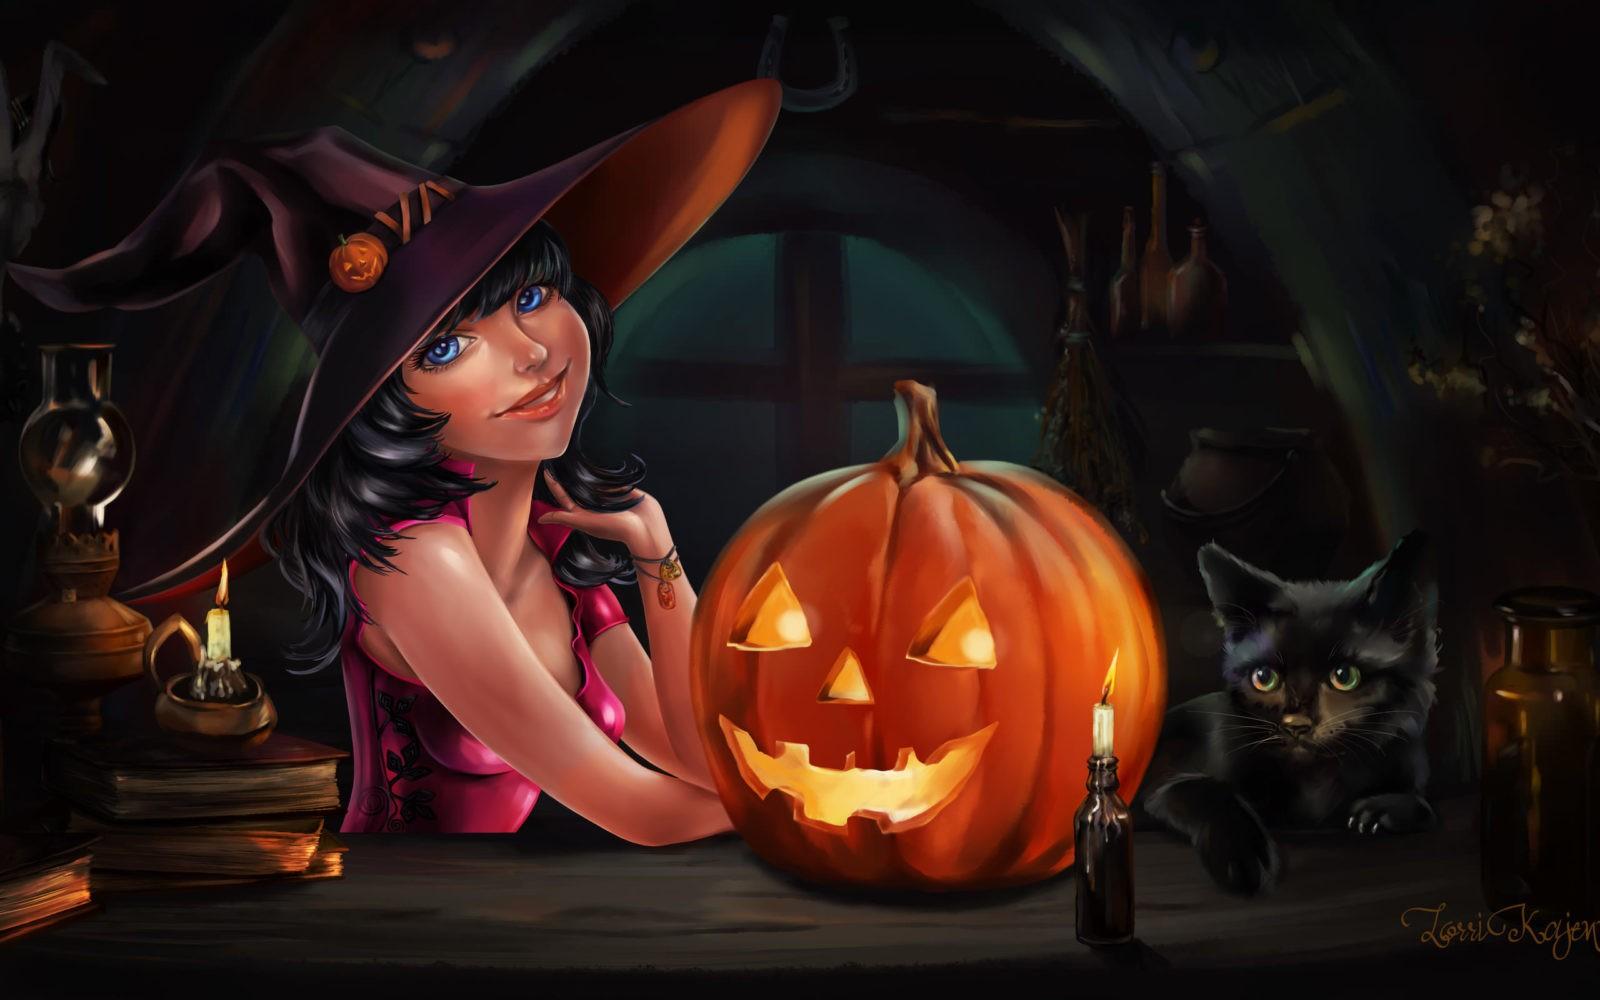 Хэллоуин — канун Дня всех святых 31 октября 2018 смотреть онлайн